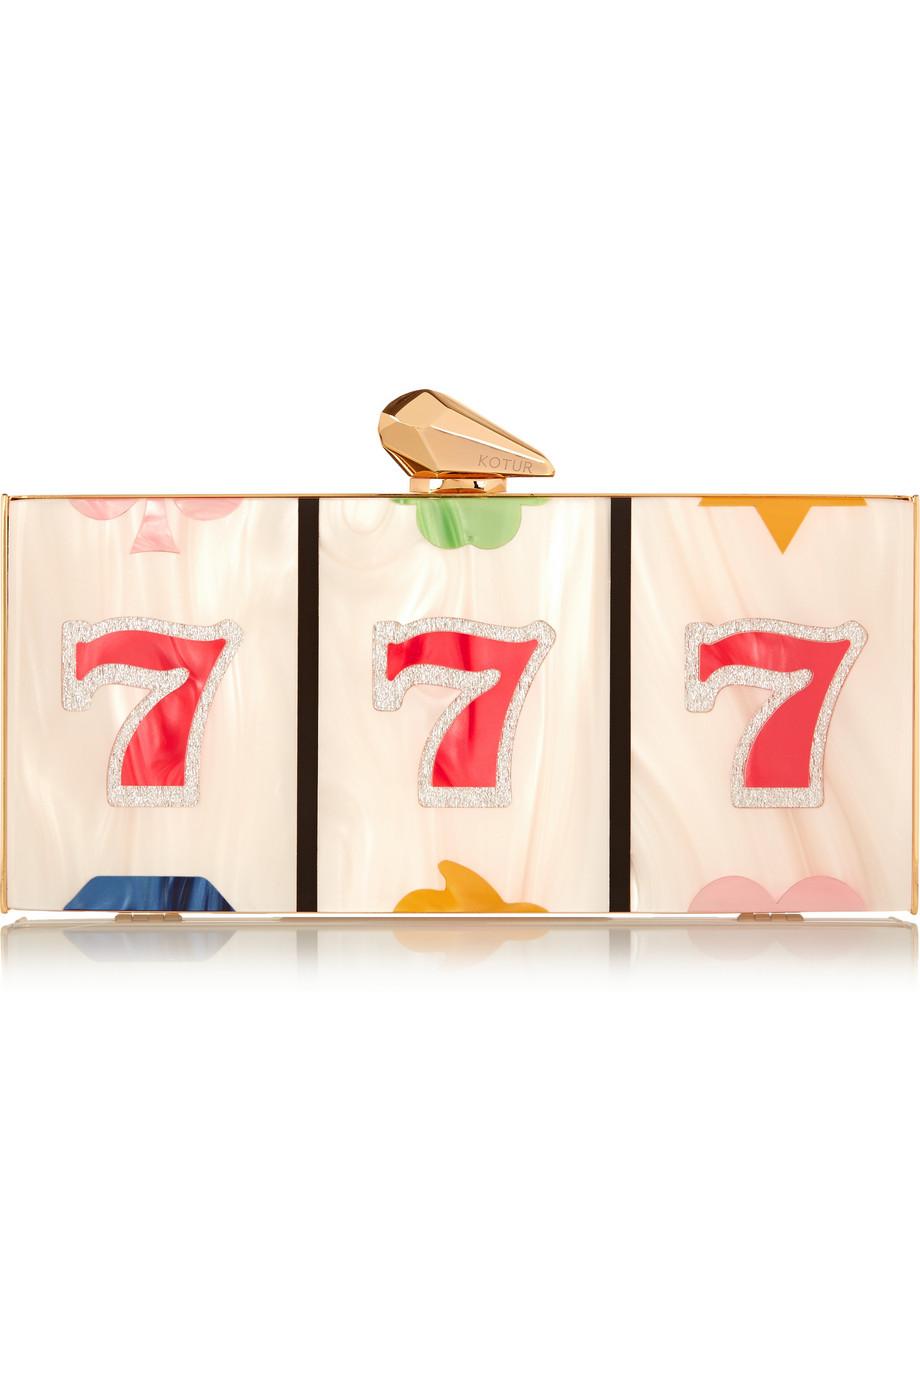 9. KOTUR Levin Jackpot Perspex box clutch €630.22